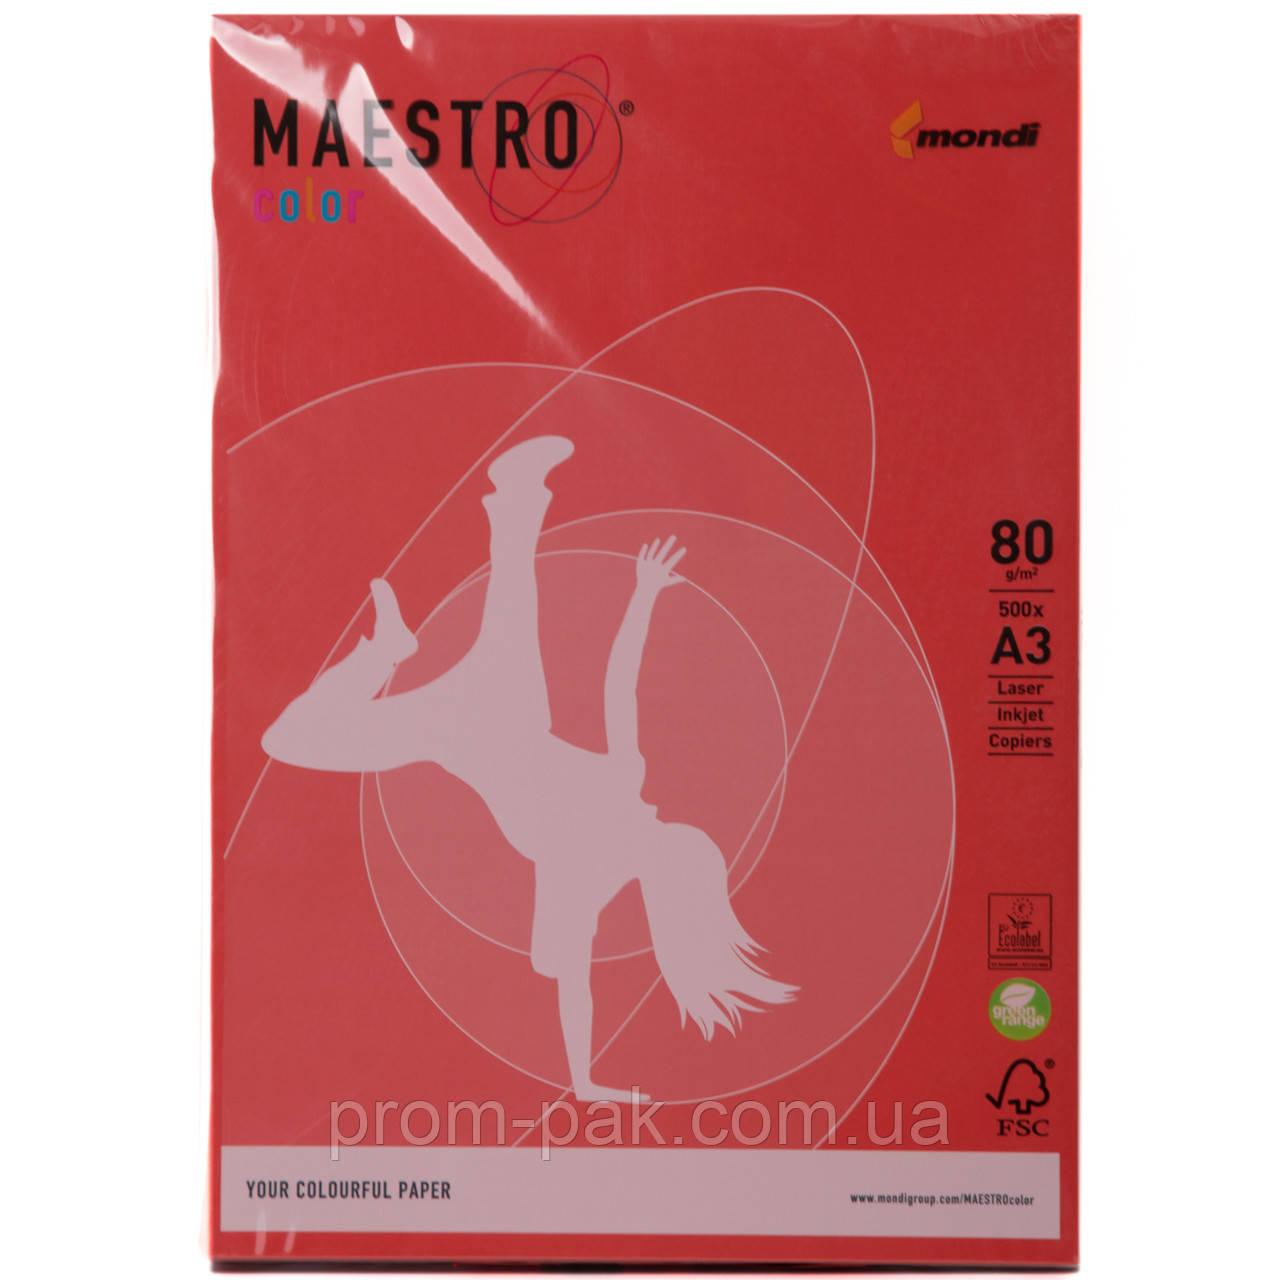 Цветная бумага Maestro А3 г/м² 80 интенсив коралово - красный